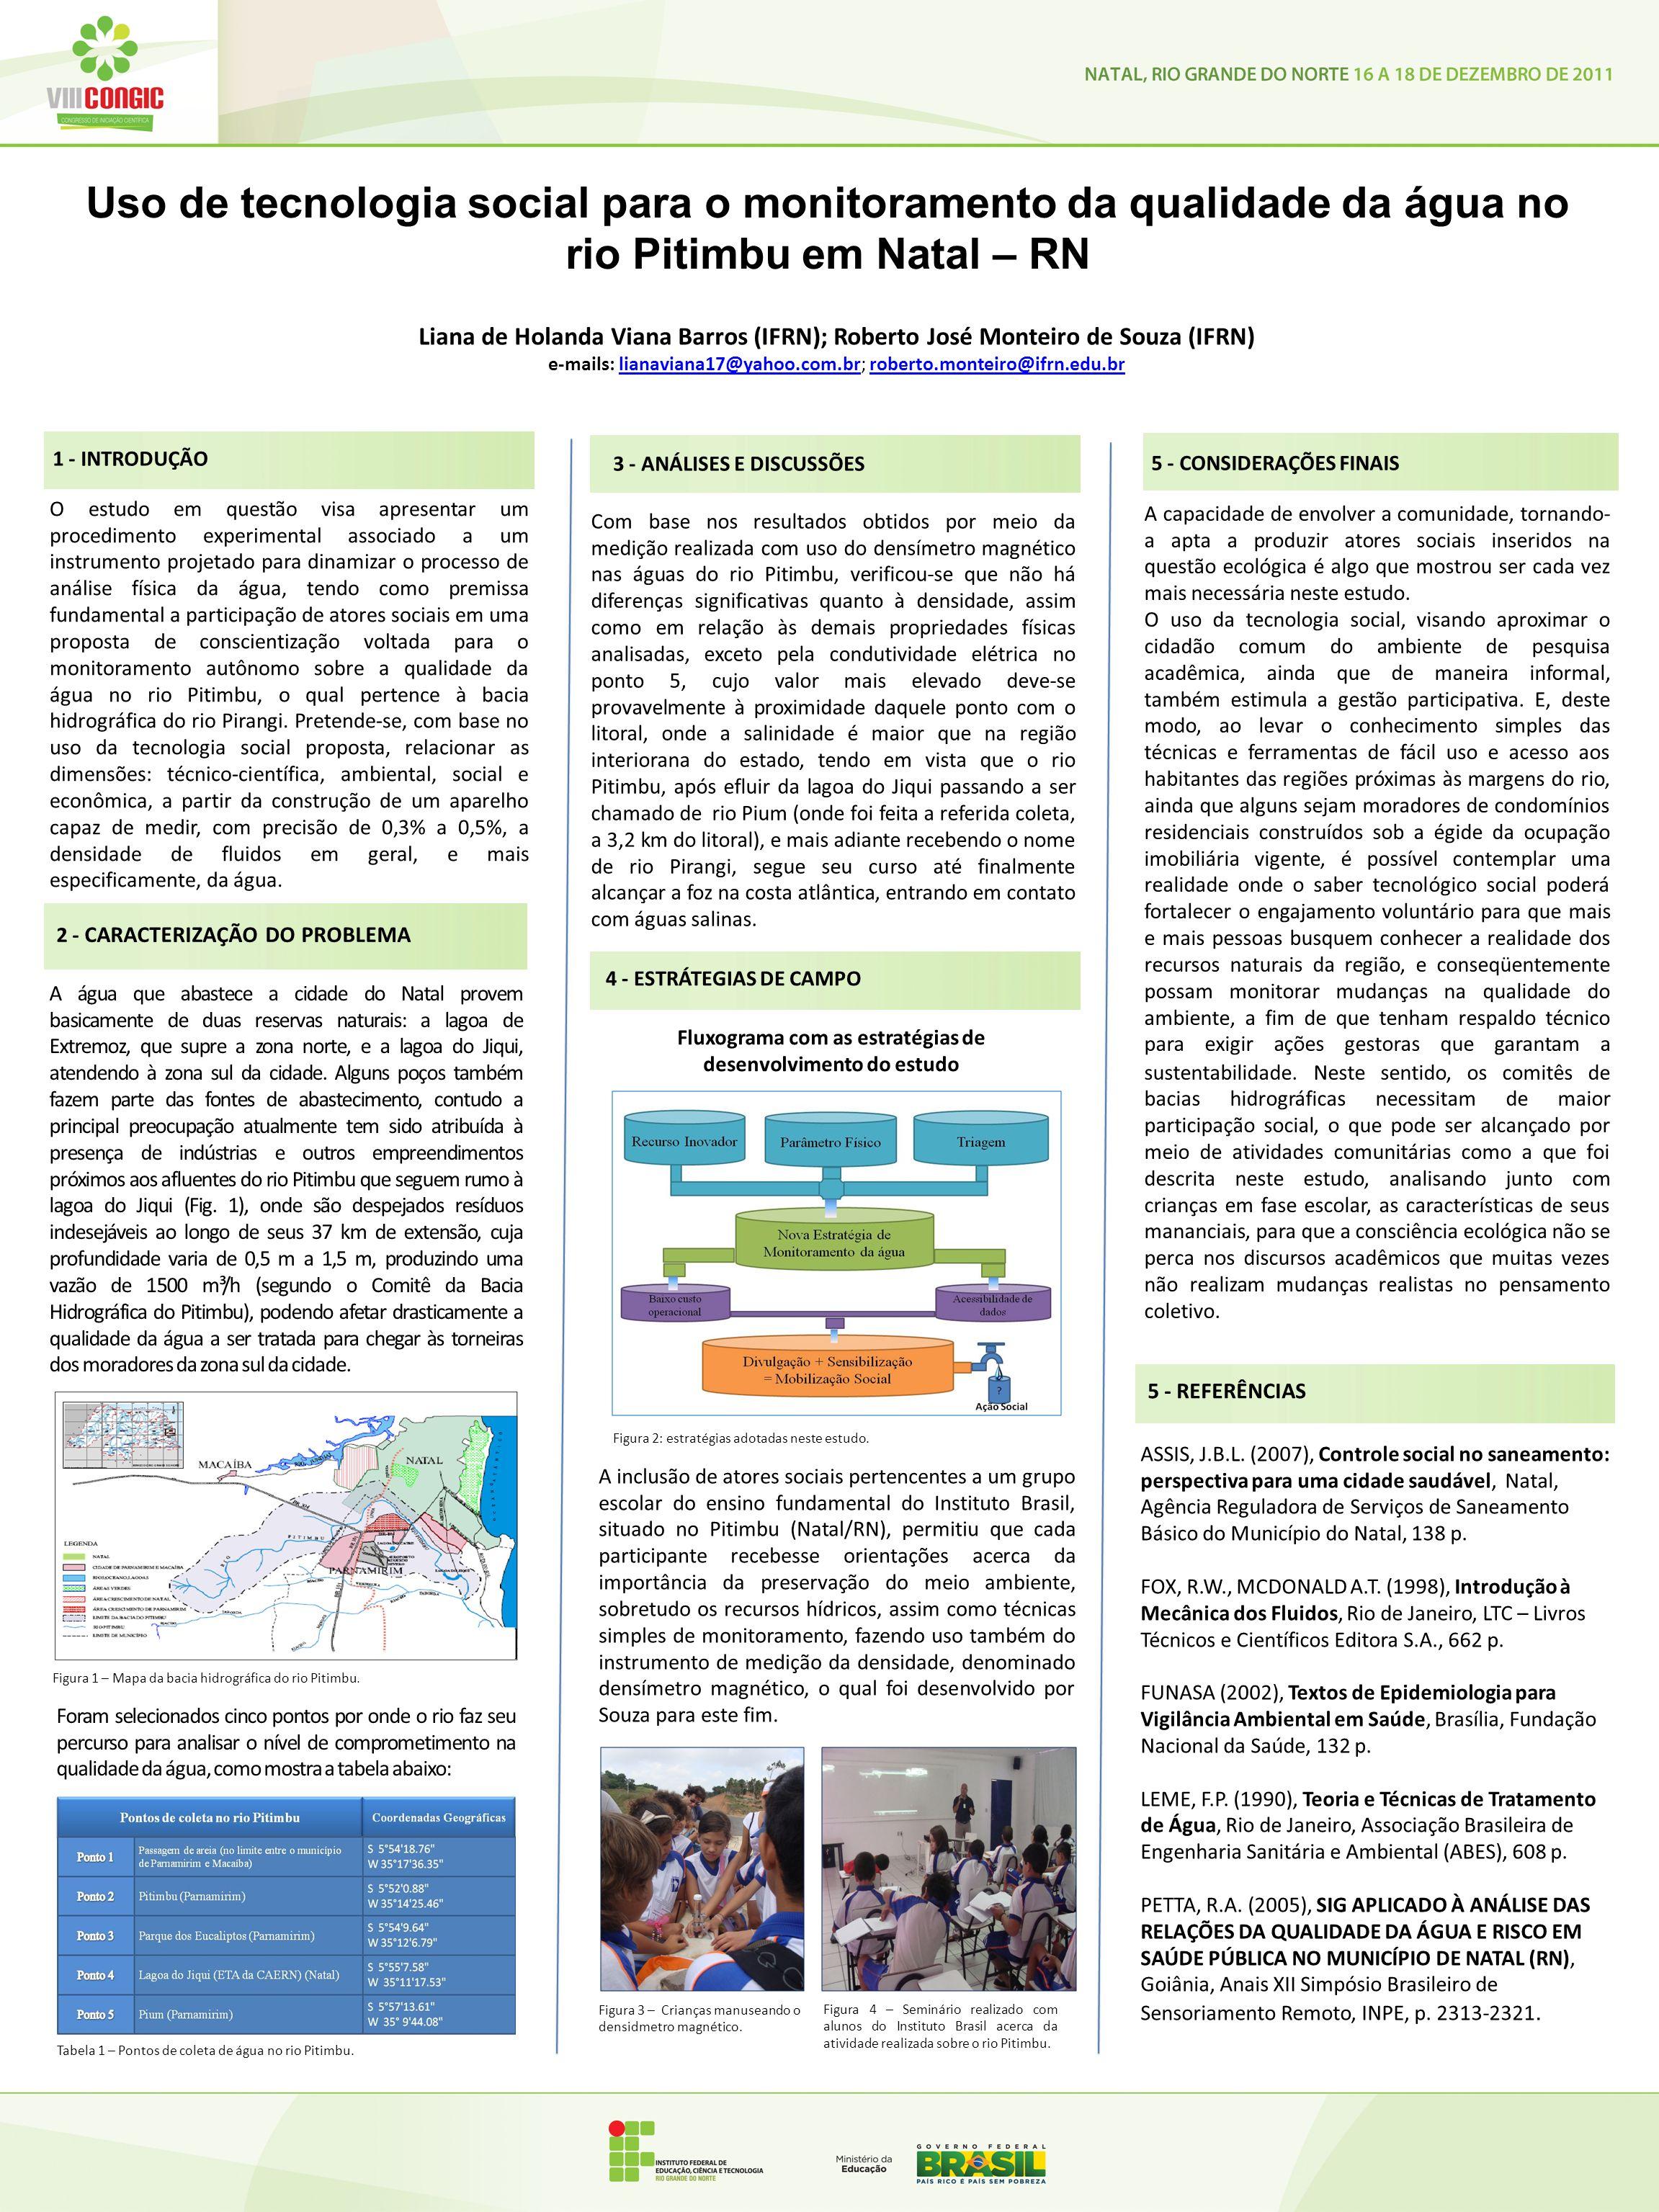 O estudo em questão visa apresentar um procedimento experimental associado a um instrumento projetado para dinamizar o processo de análise física da á